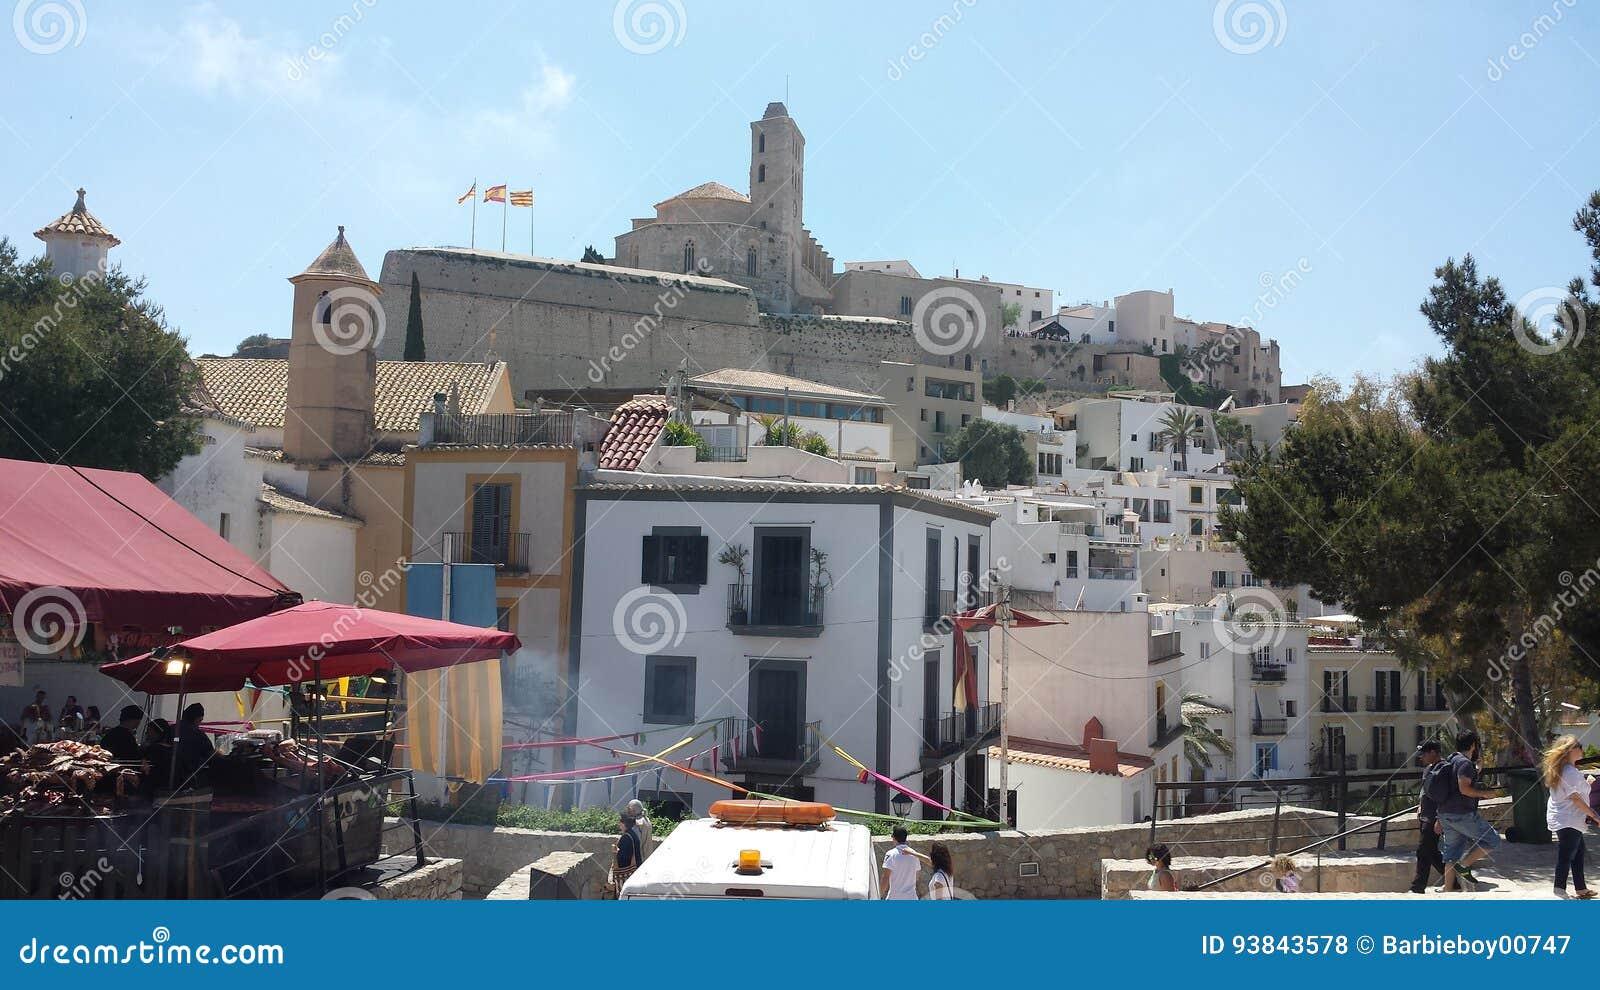 La vue du château historique d Ibiza Espagne montrant l architecture historique et ruine ce qui donnent sur la mer et les ports